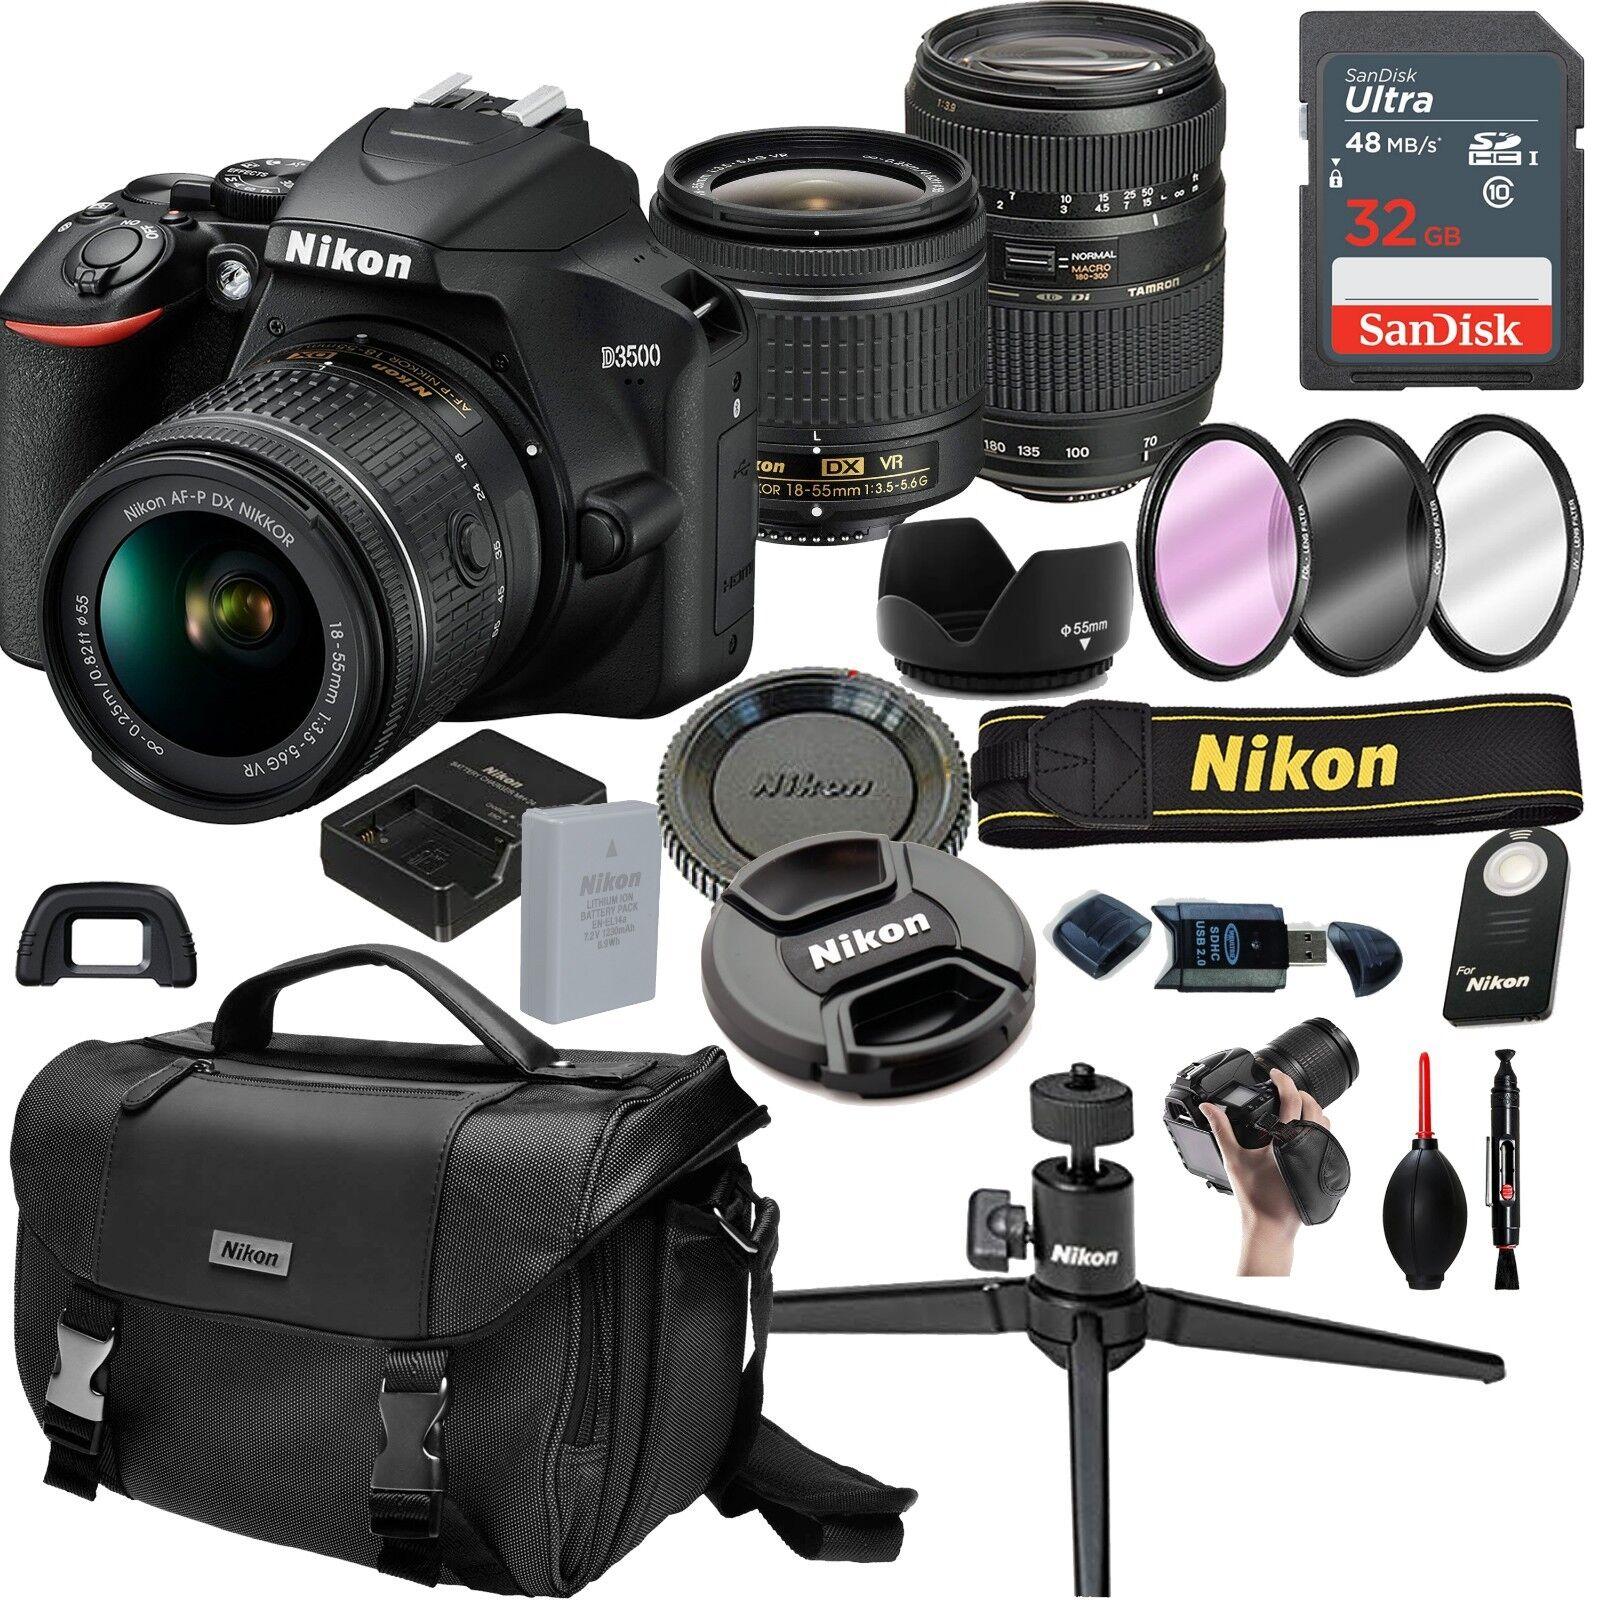 Nikon D3500 Digital SLR Camera w/ 18-55mm VR + Tamron 70-300